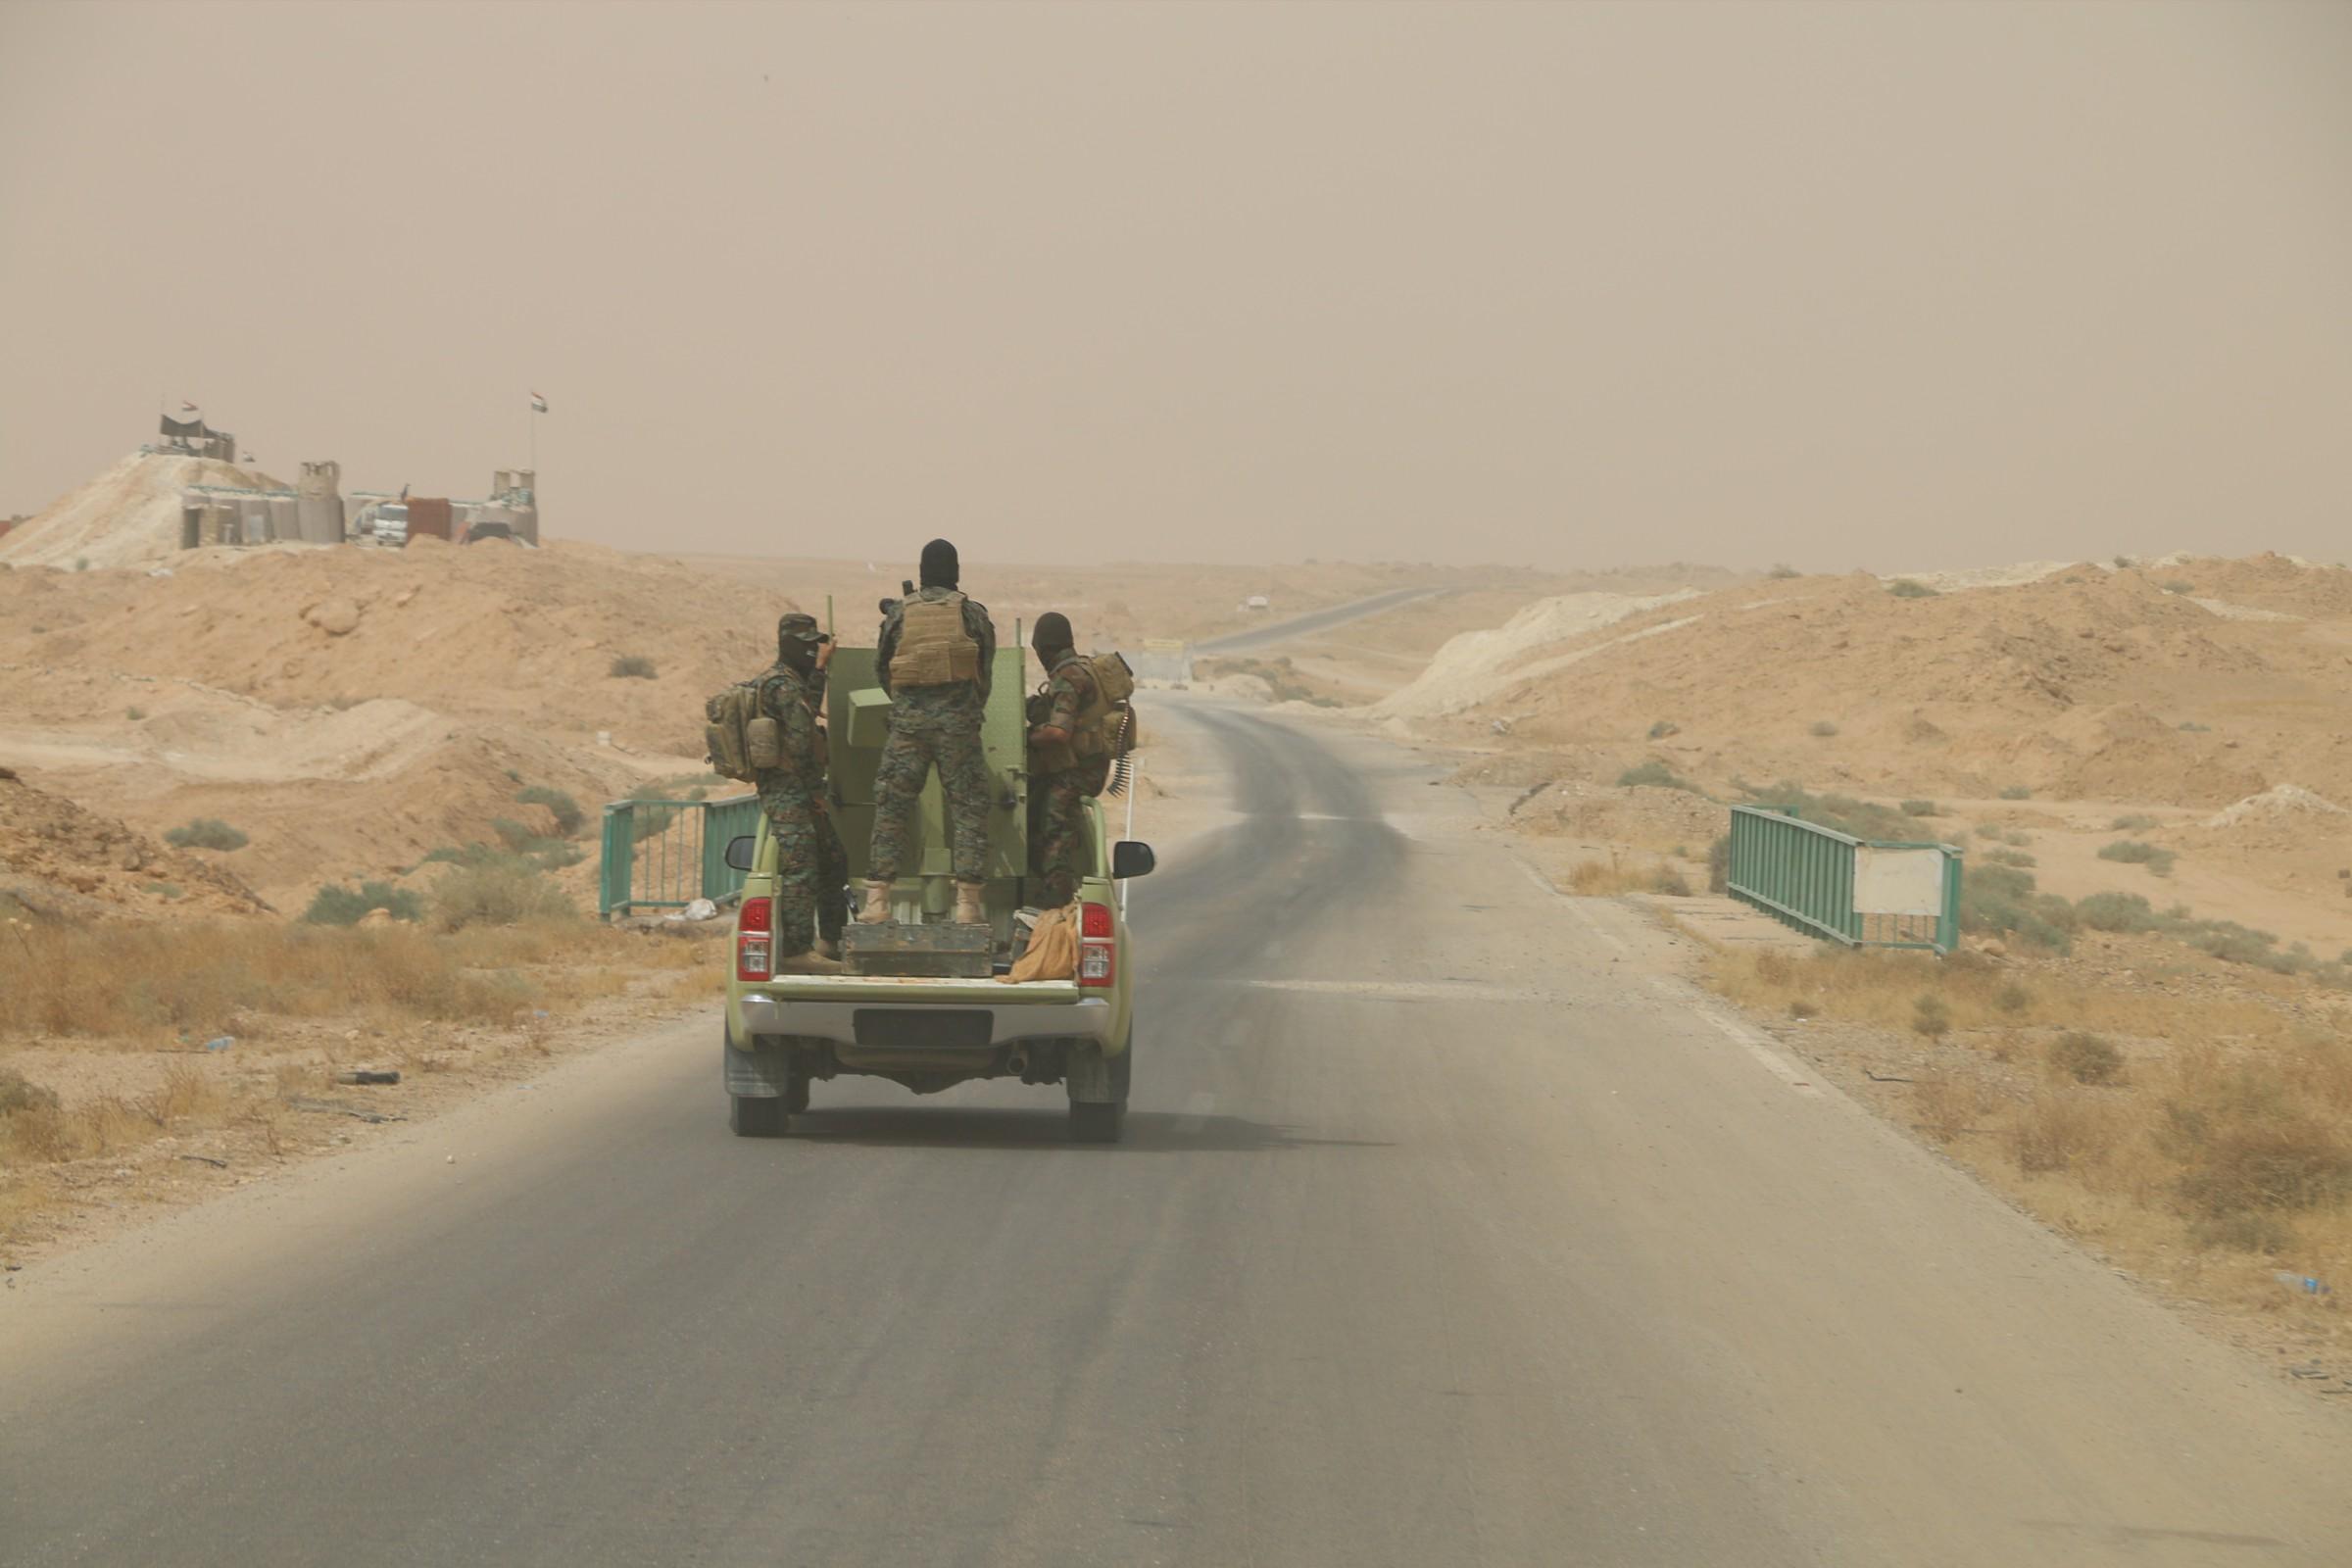 عمليات الجزيرة تعلن تطهير الطريق الرابط بين قضاء عنة والحدود العراقية السورية